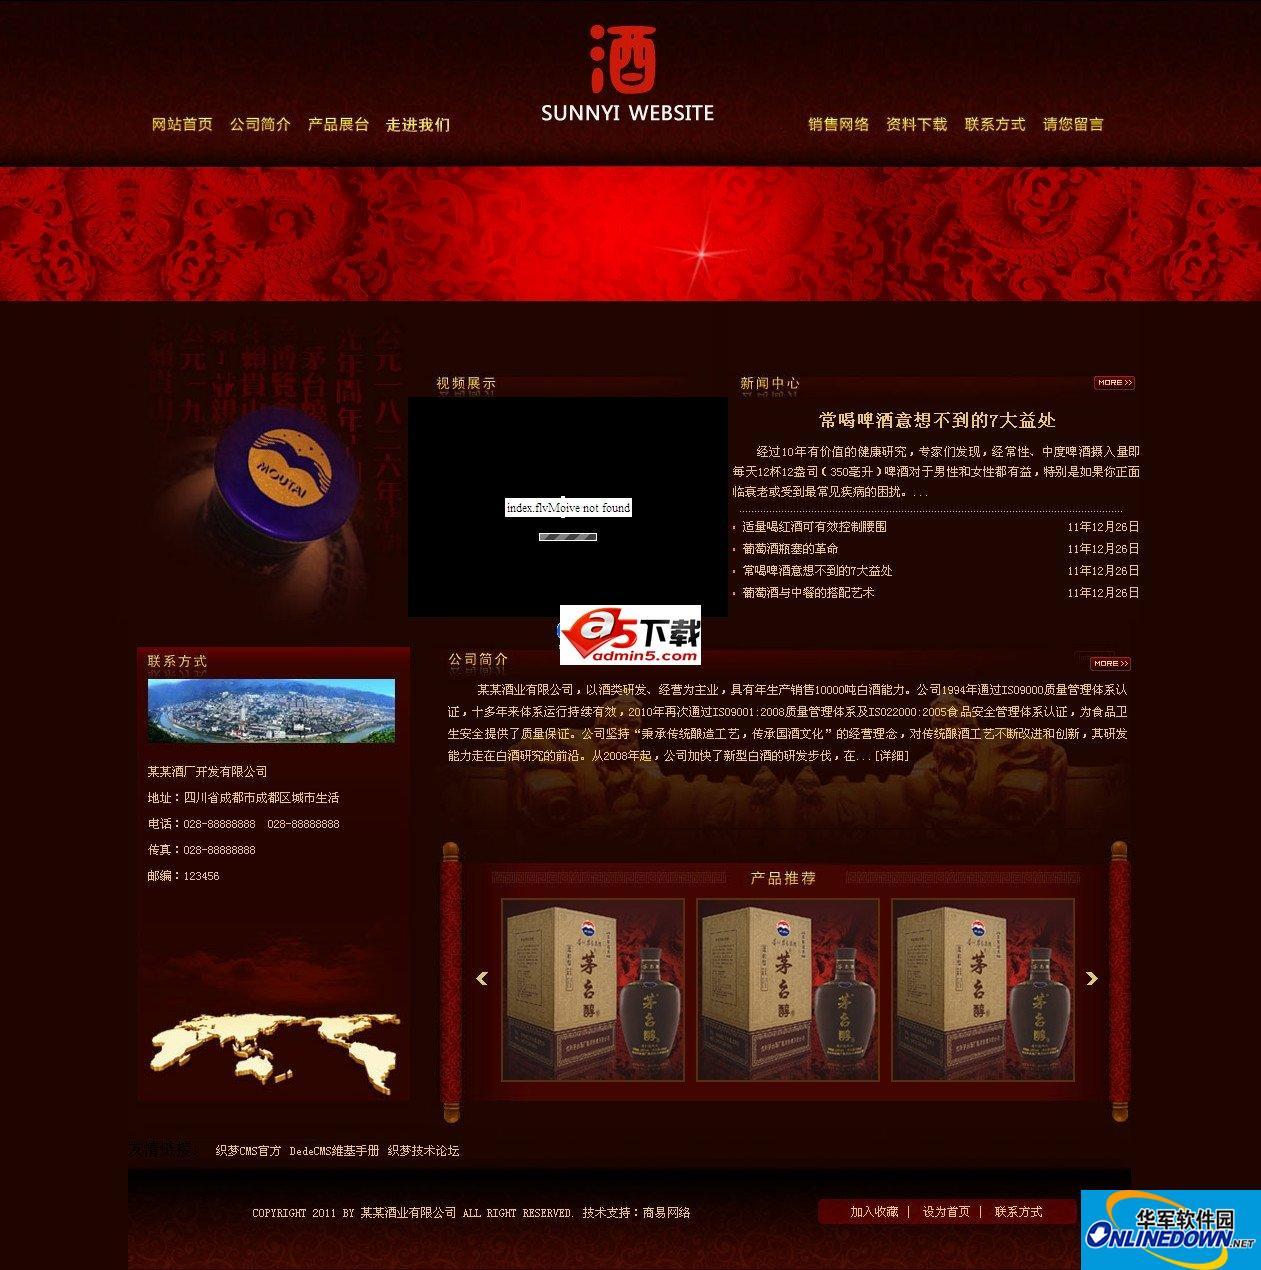 酒业公司网站整站 For Dedecms